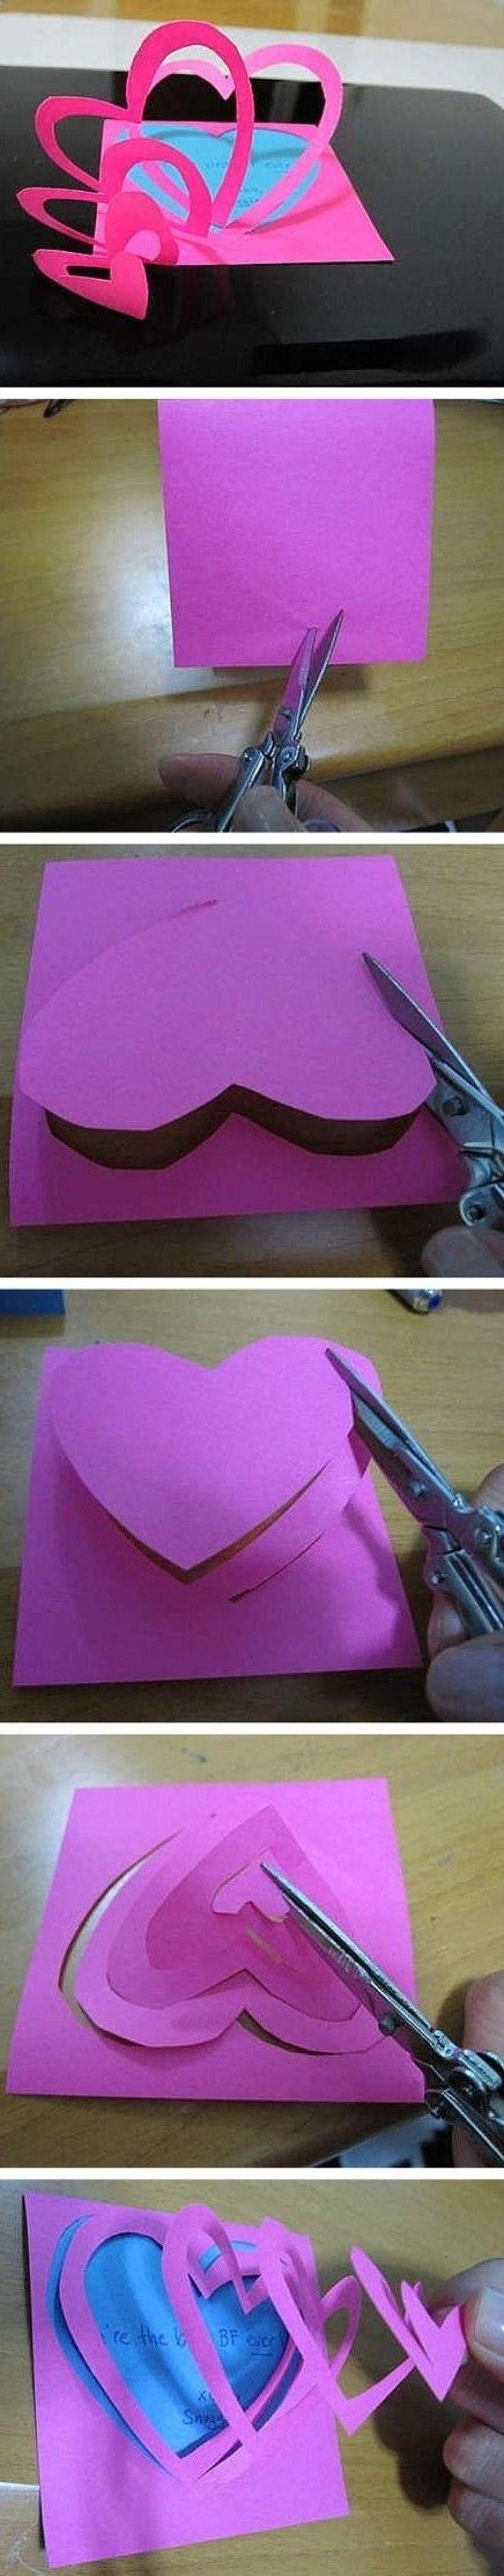 12 Bricolages pour la Saint-Valentin à faire avec les enfants! - Bricolages…